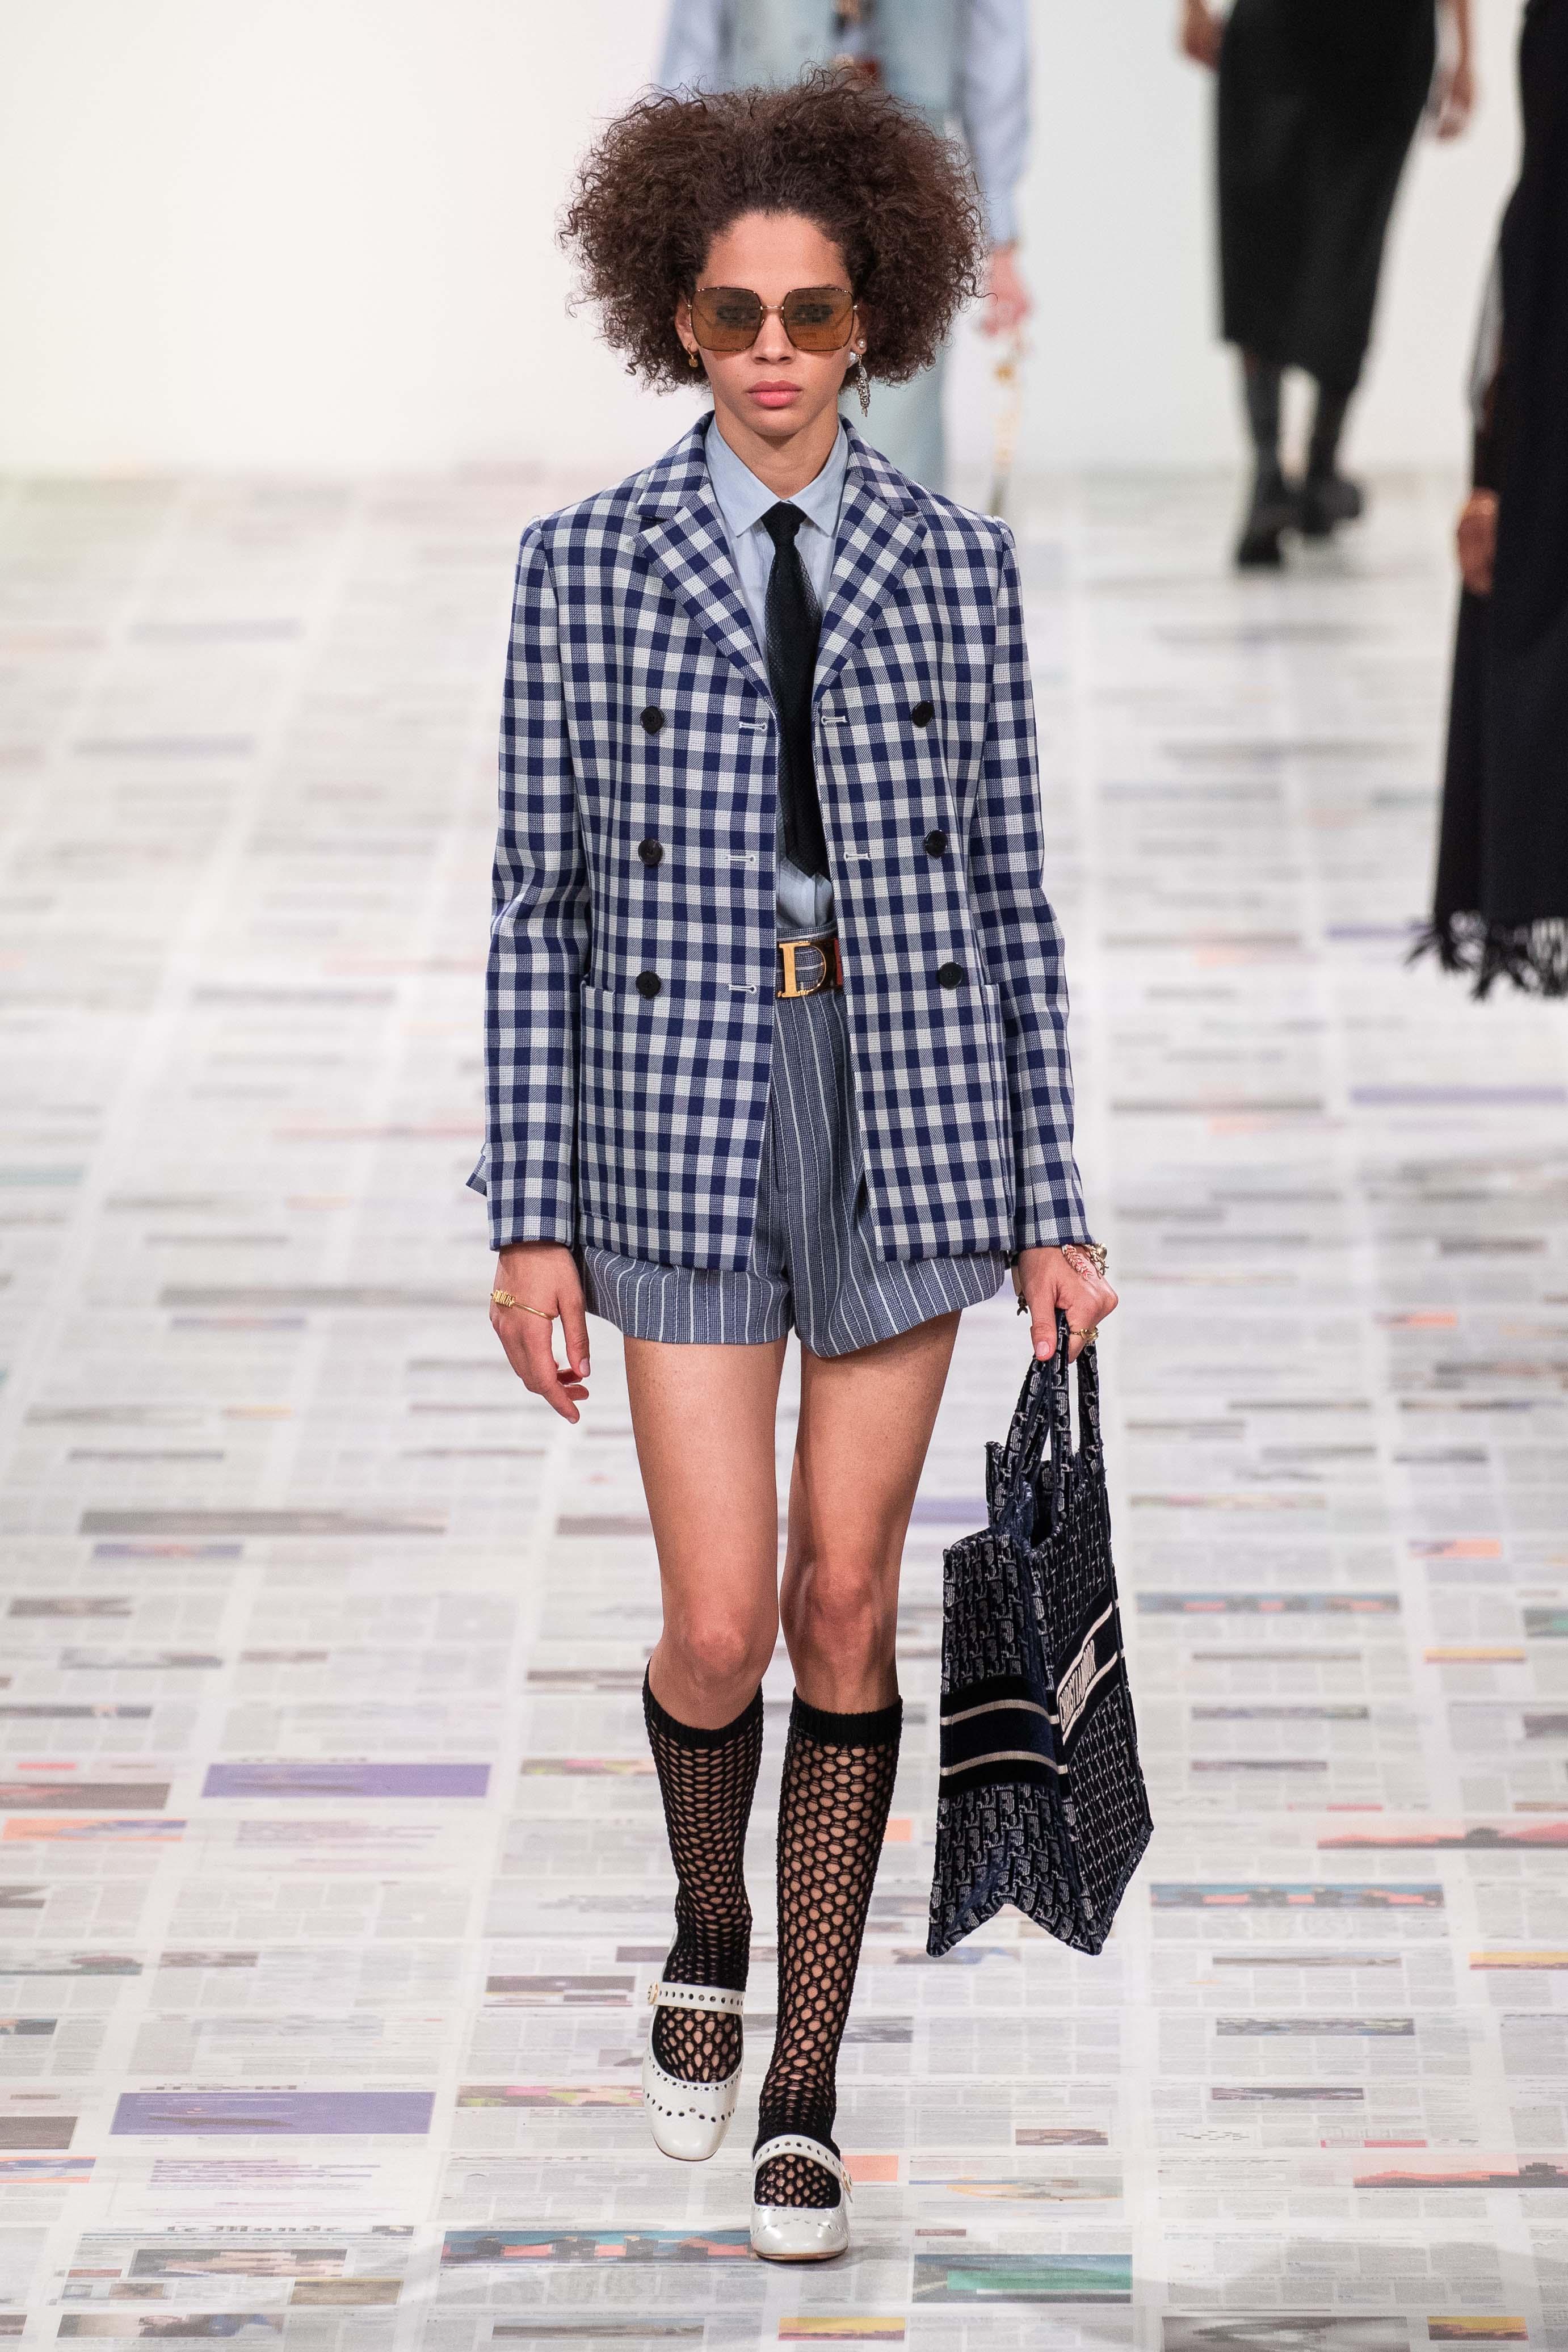 Áo caro màu trung tính xu hướng thời trang tại các sàn diễn